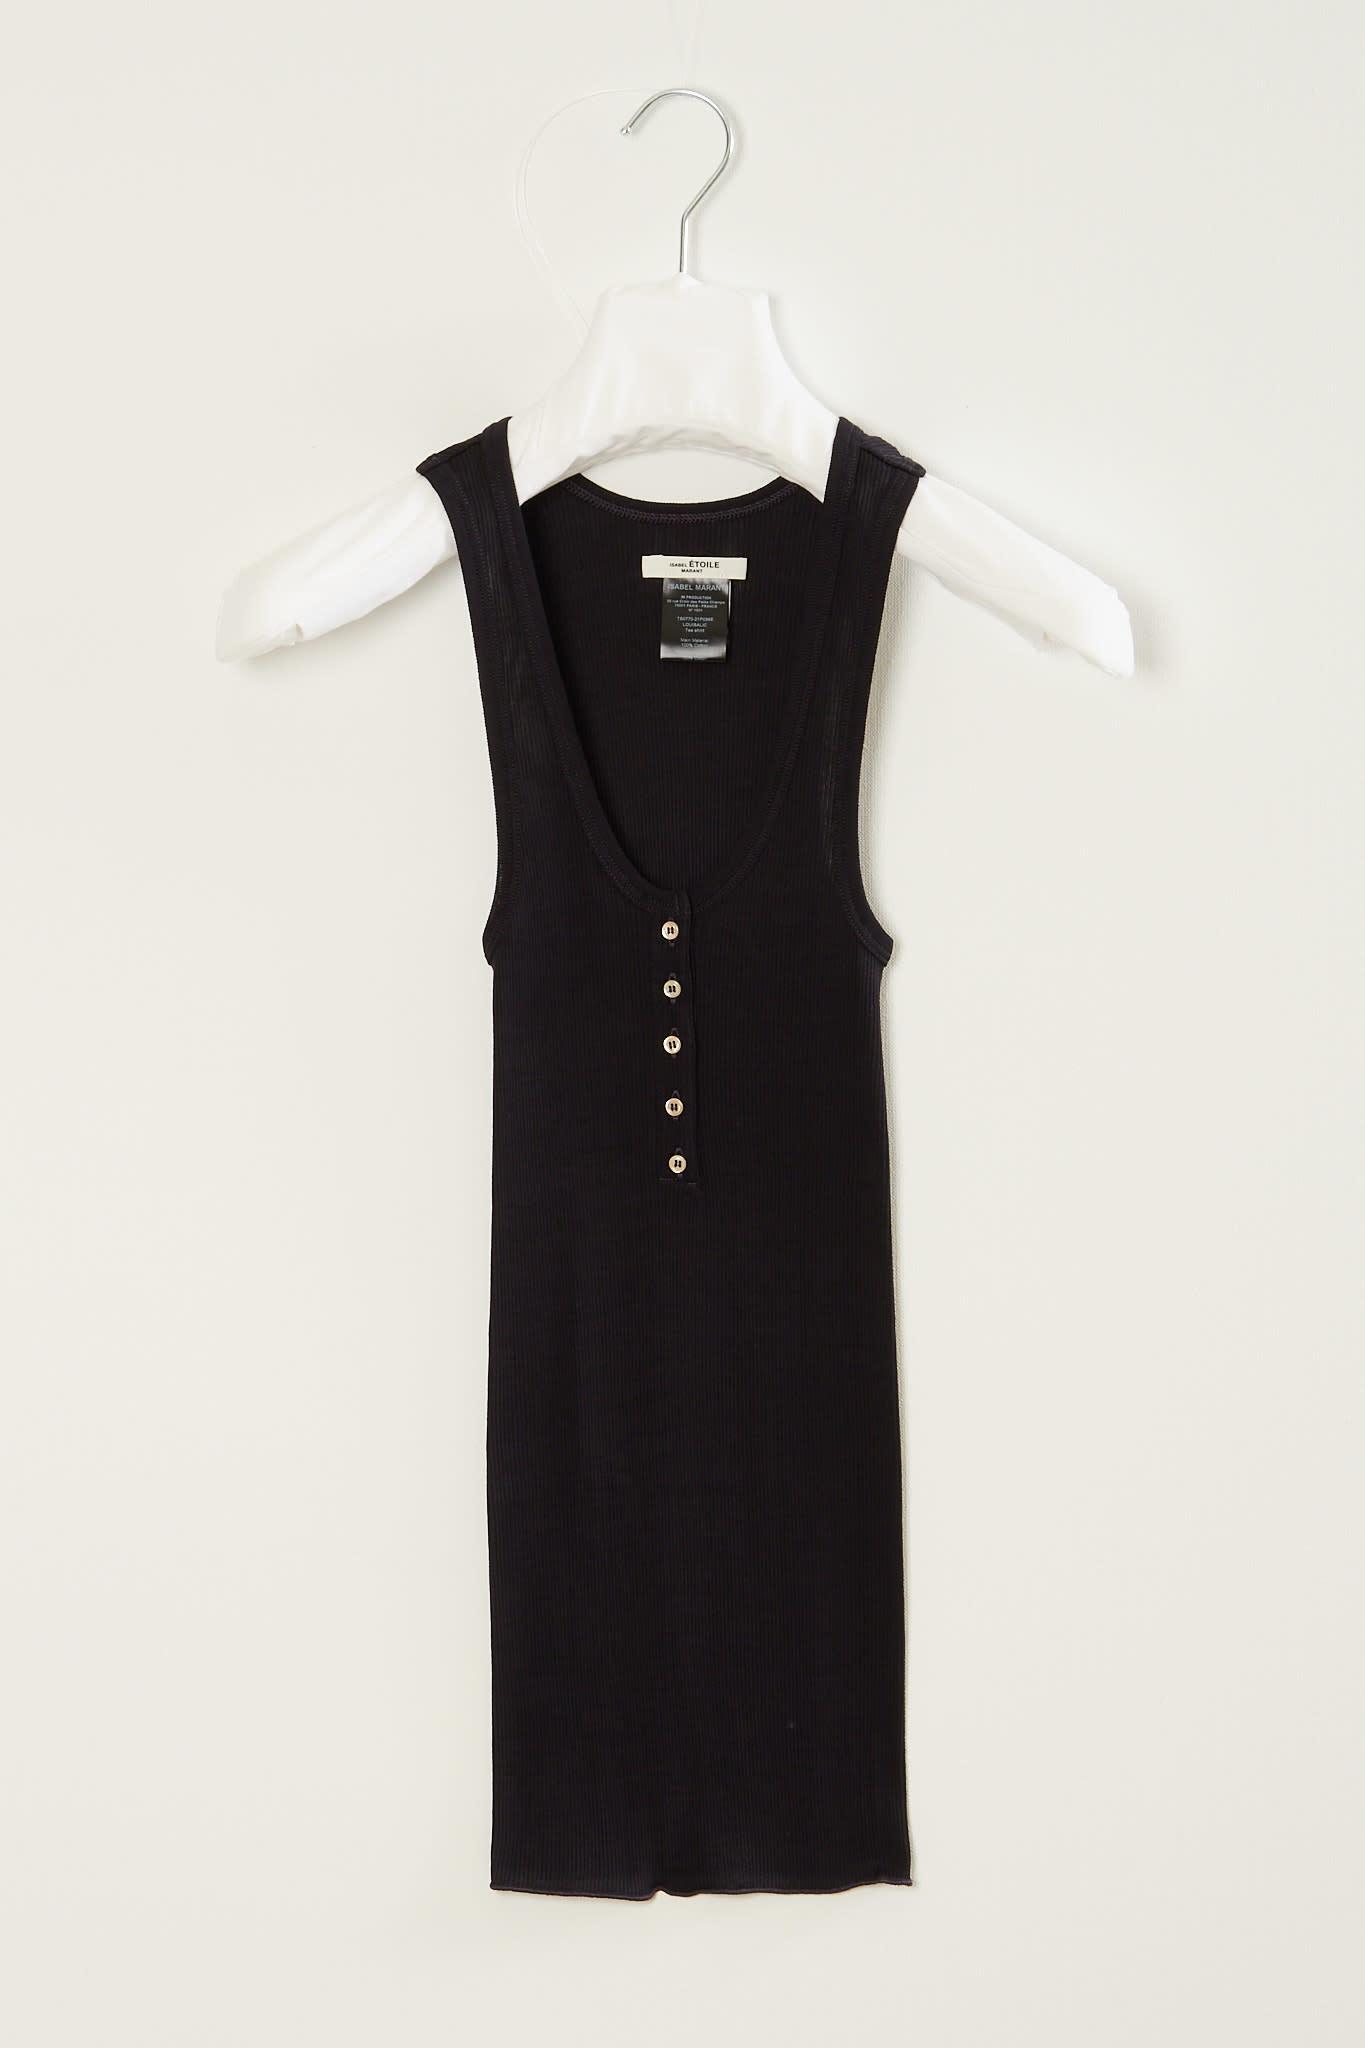 Etoile Isabel Marant - Louisalic lingerie tee shirt